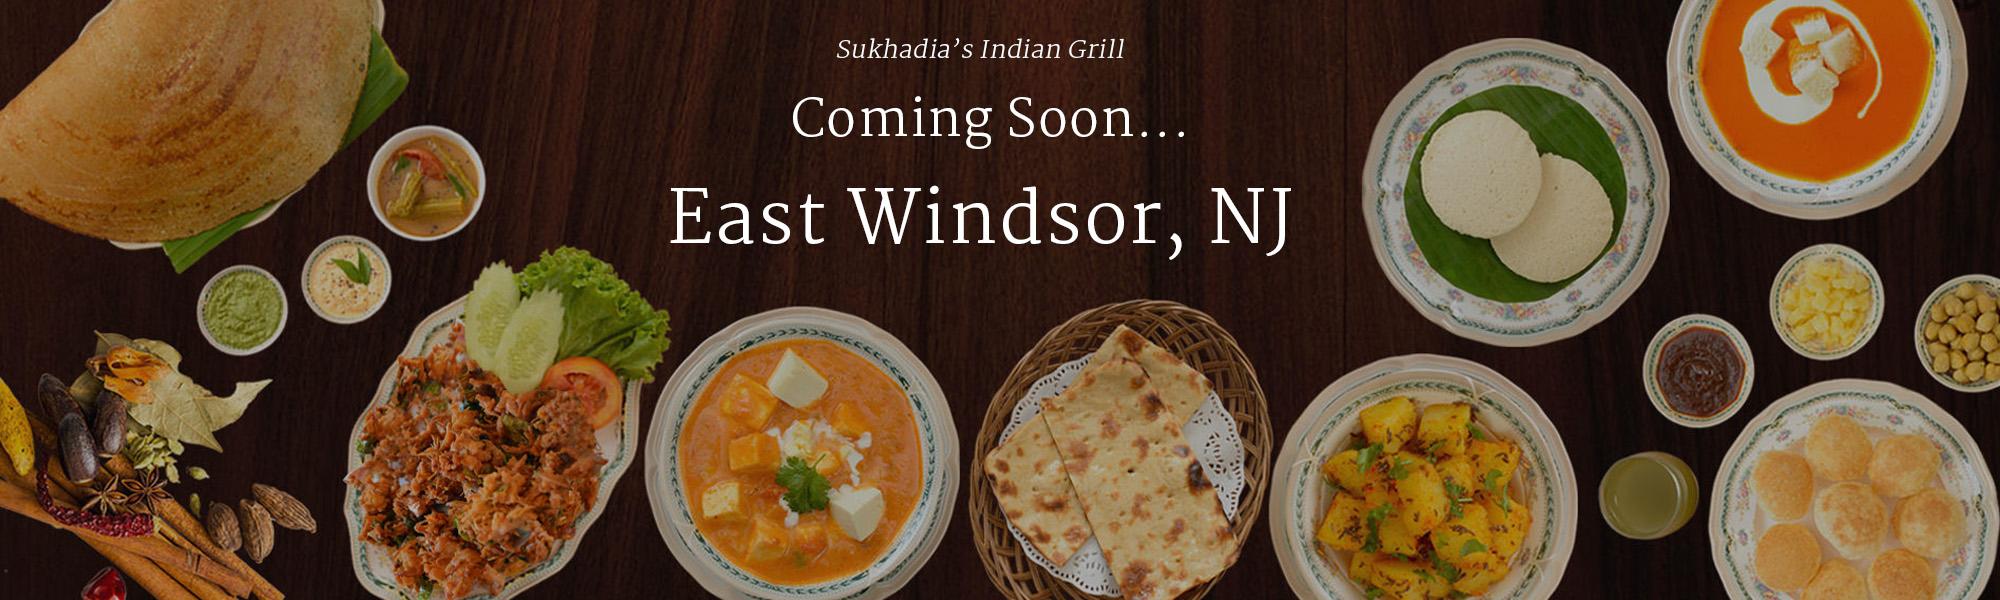 Sukhadia's East Windsor, NJ